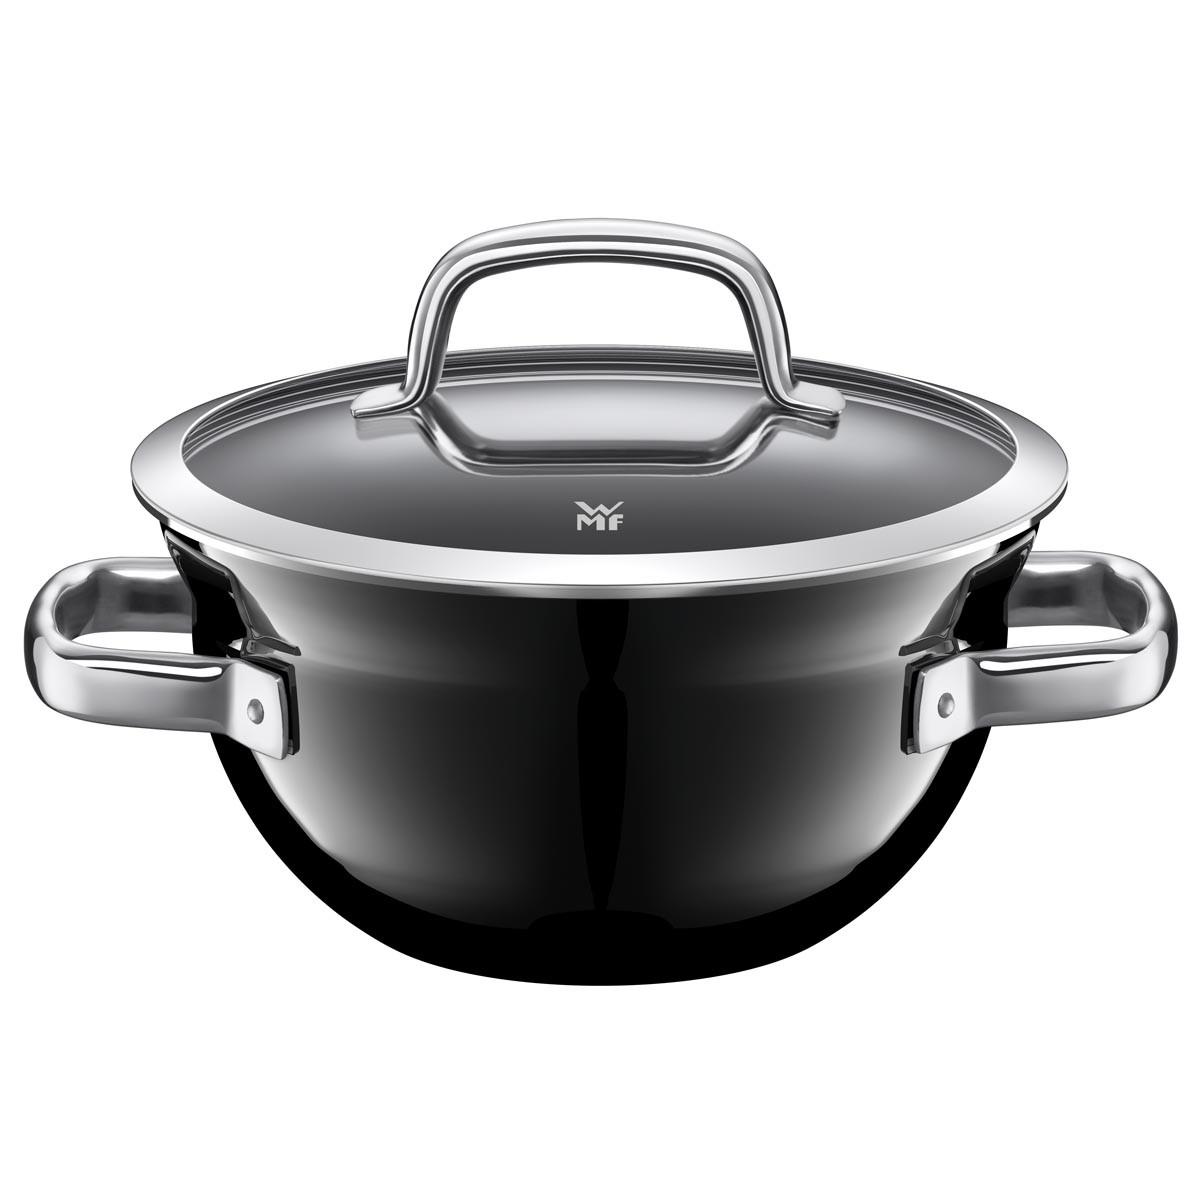 Mísa na vaření 24 cm FUSIONTEC MINERAL černá - WMF